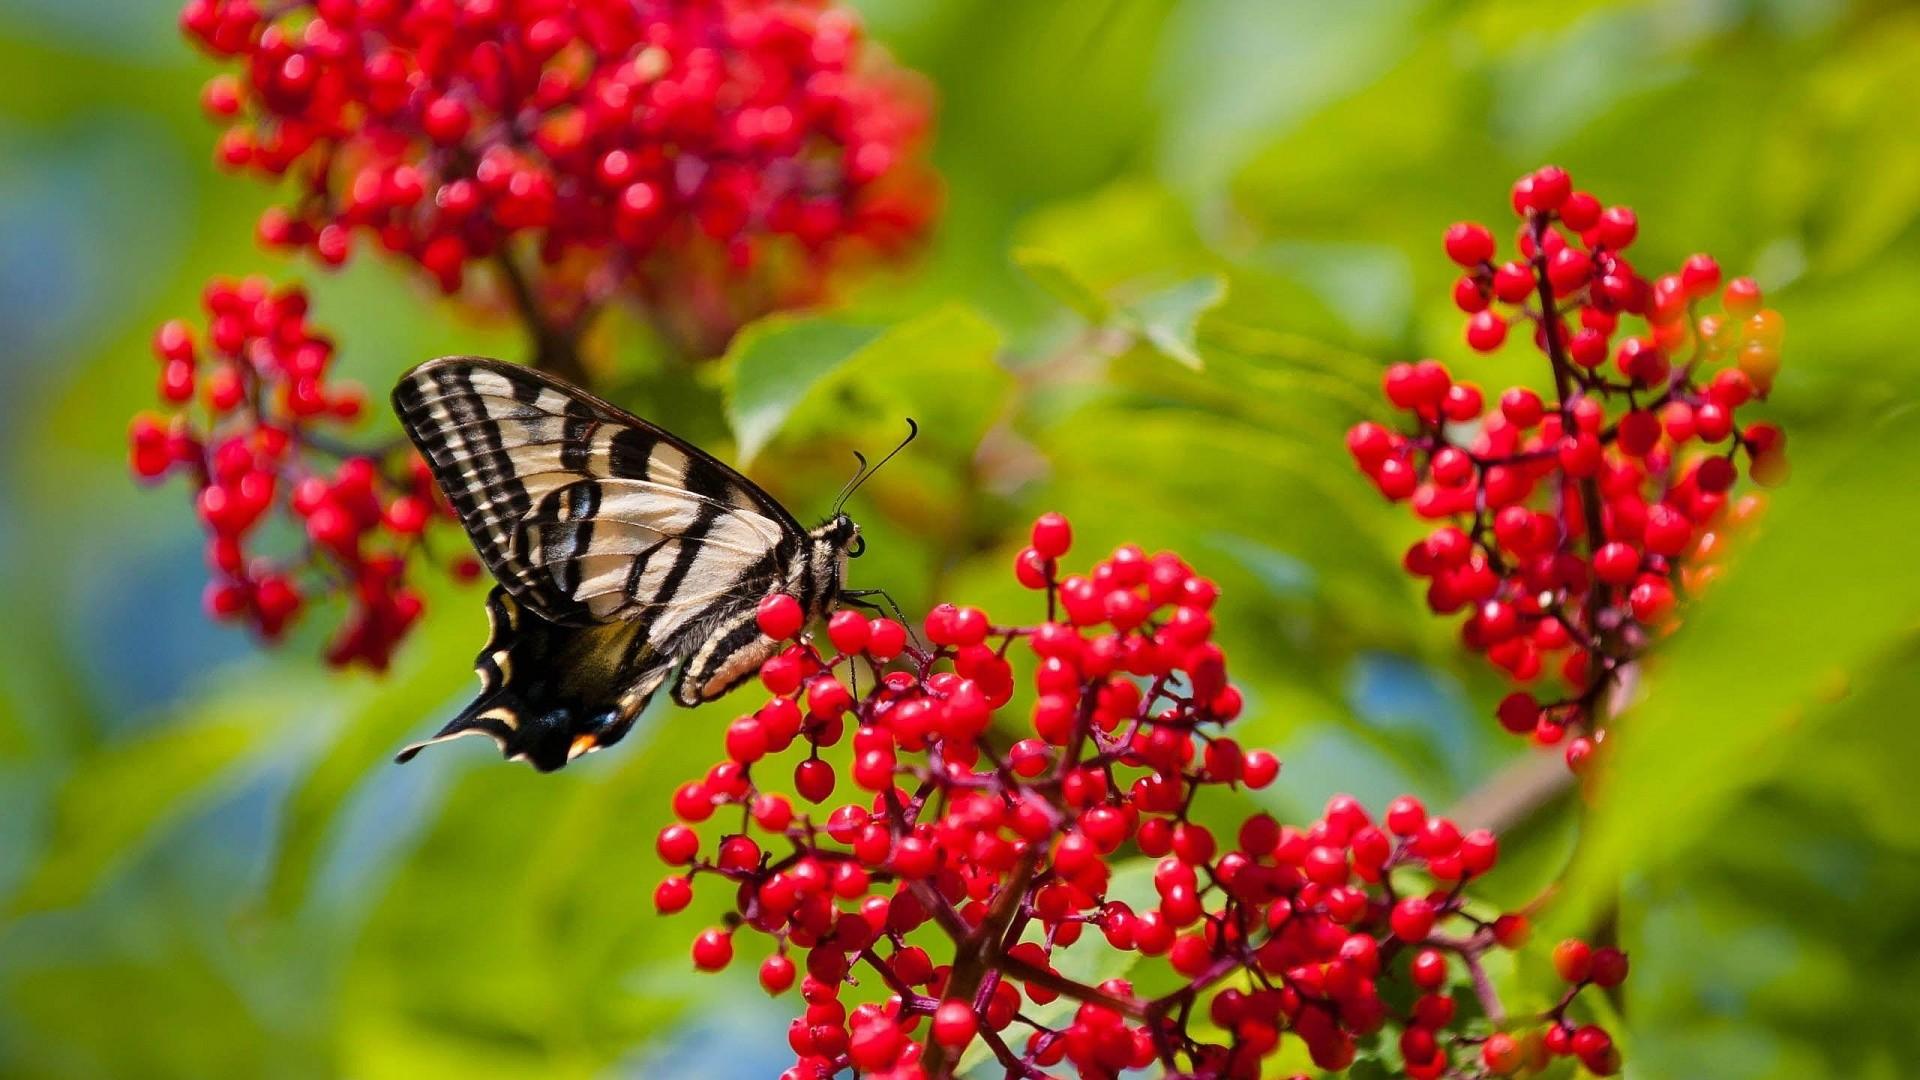 Beauty Butterfly On Red Flower HD Wallpaper